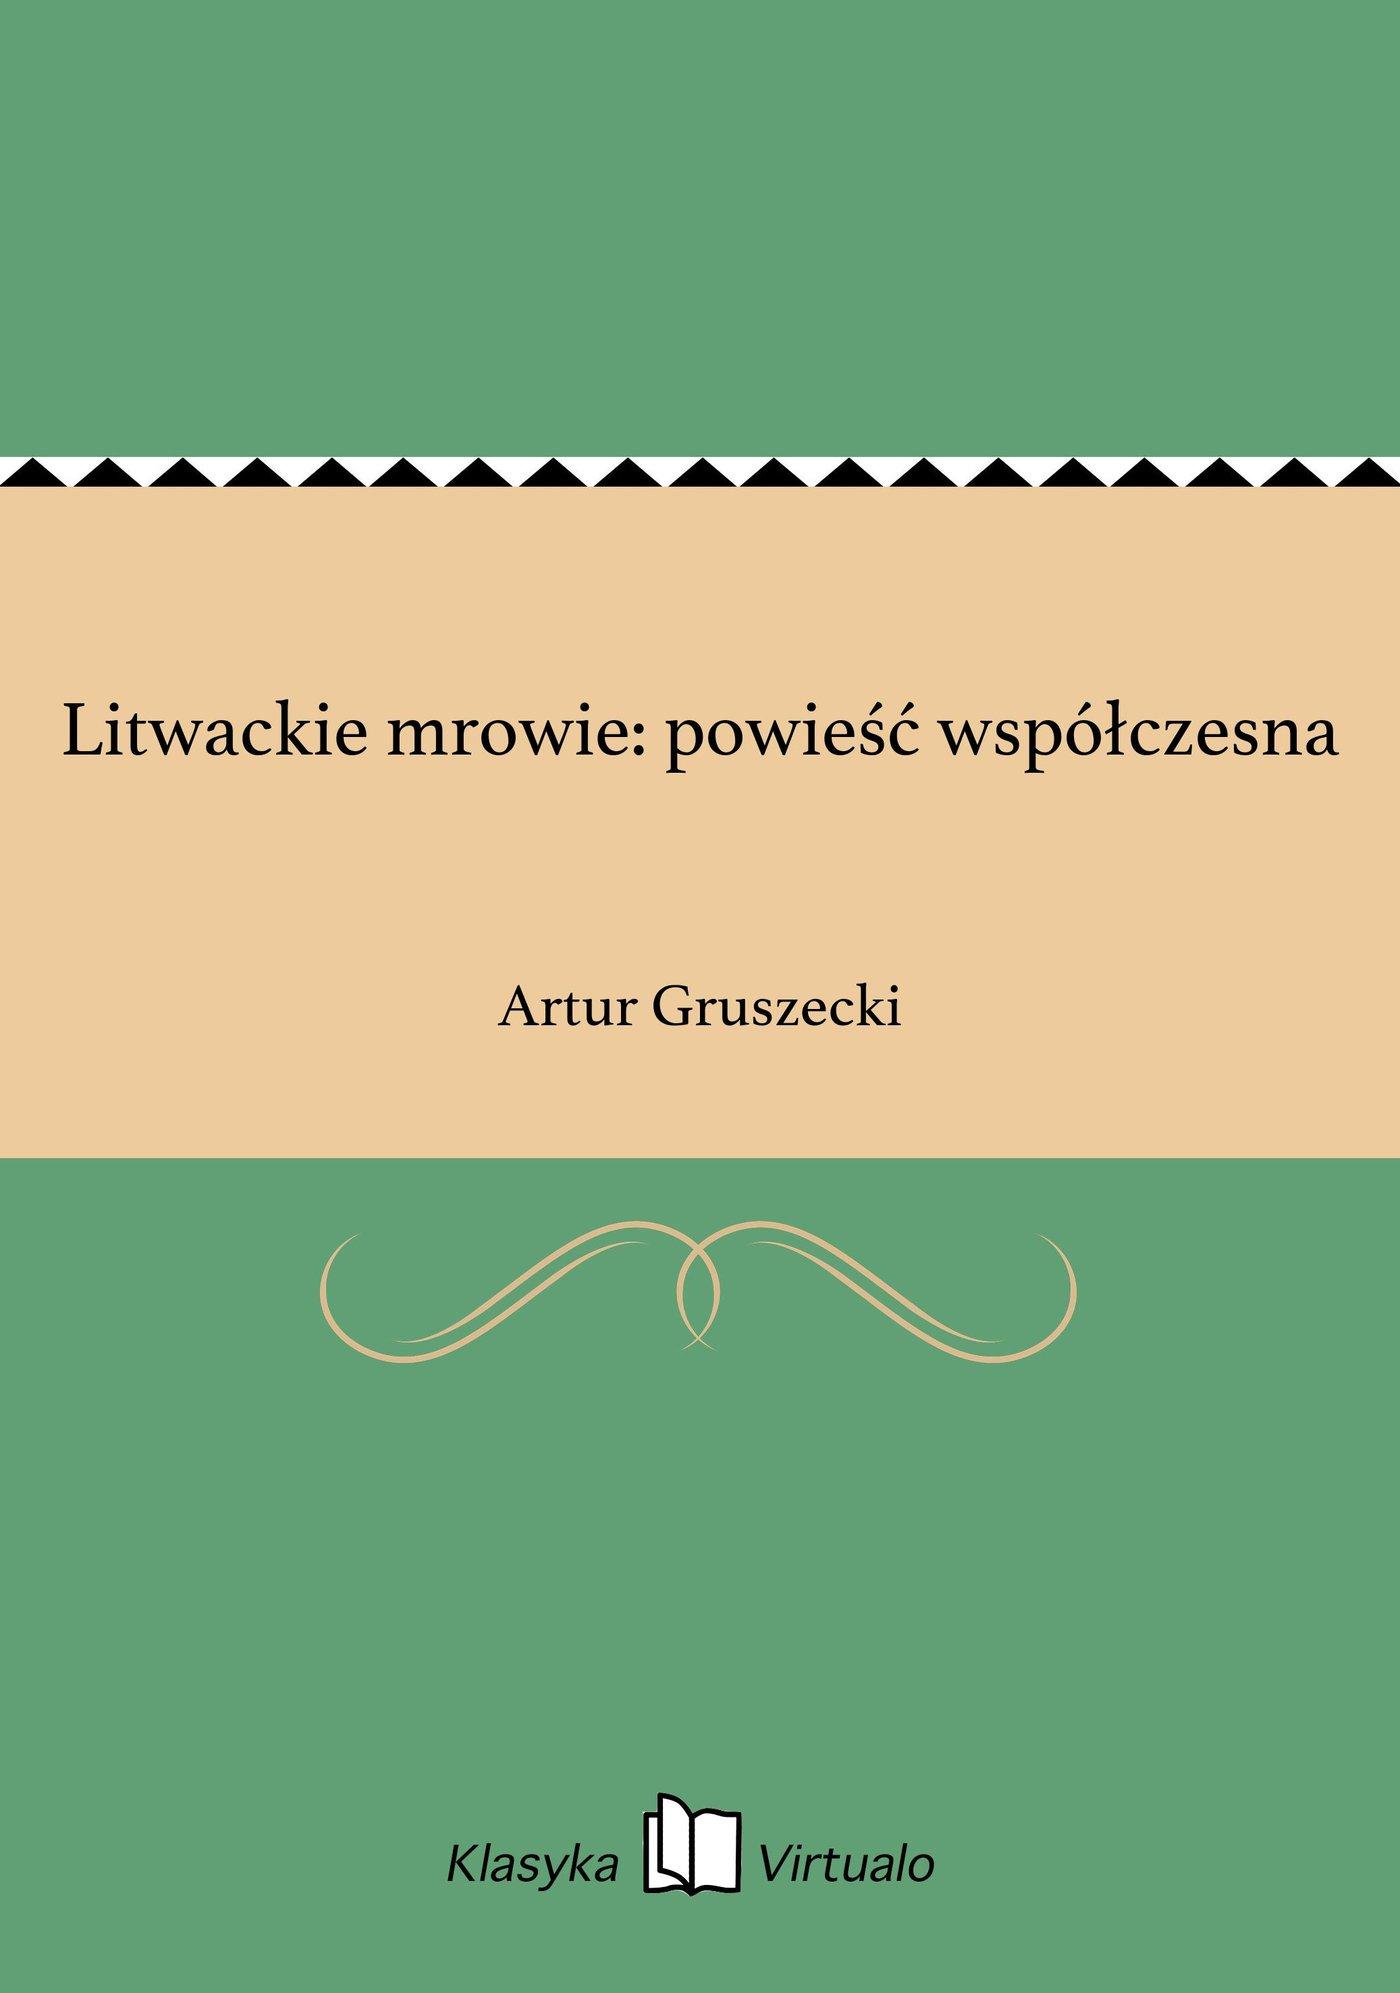 Litwackie mrowie: powieść współczesna - Ebook (Książka EPUB) do pobrania w formacie EPUB